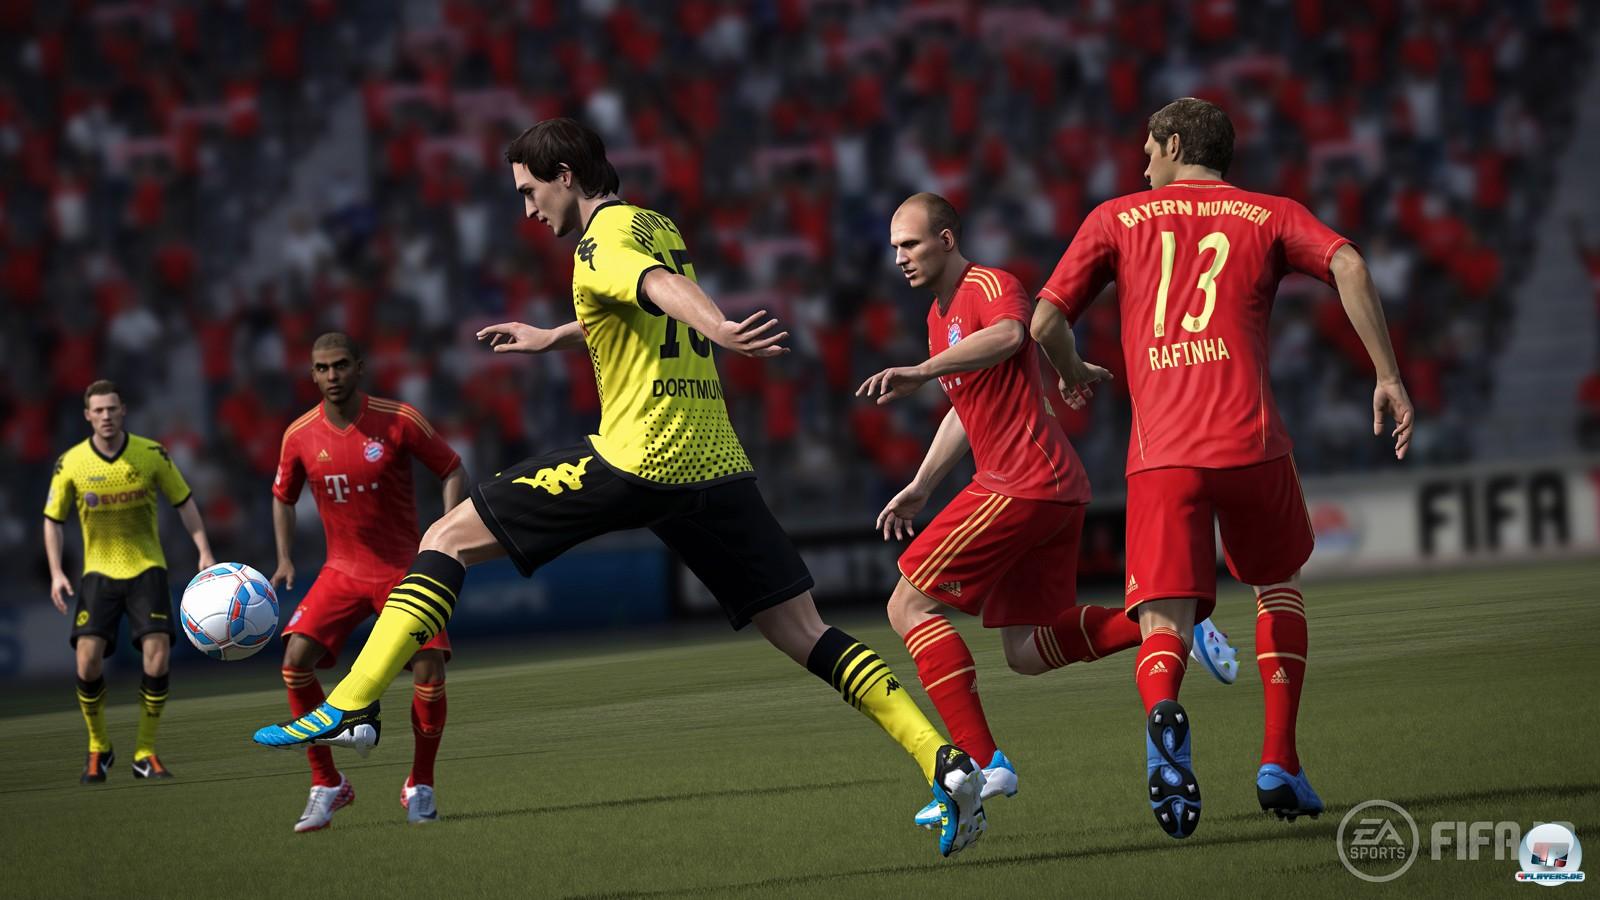 Tolle Atmosphäre, starkes Lizenzpaket: FIFA 12 lässt die Bundesliga lebendig werden.